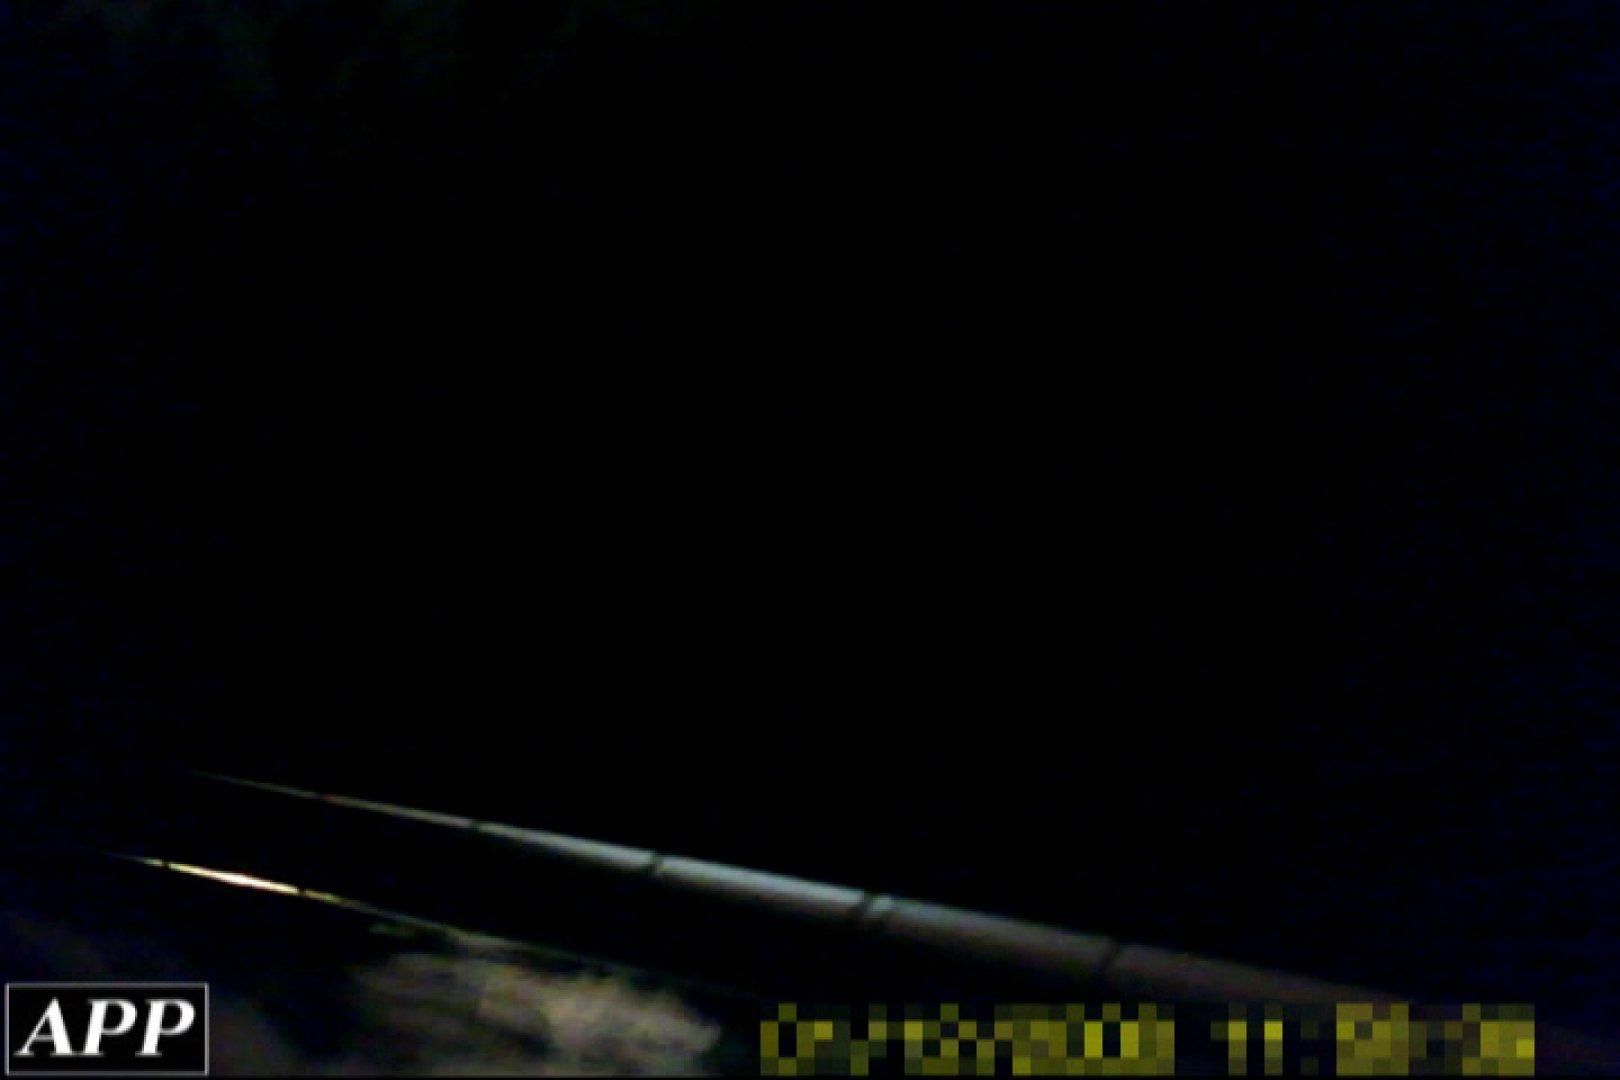 3視点洗面所 vol.72 マンコエロすぎ おまんこ無修正動画無料 86PIX 42